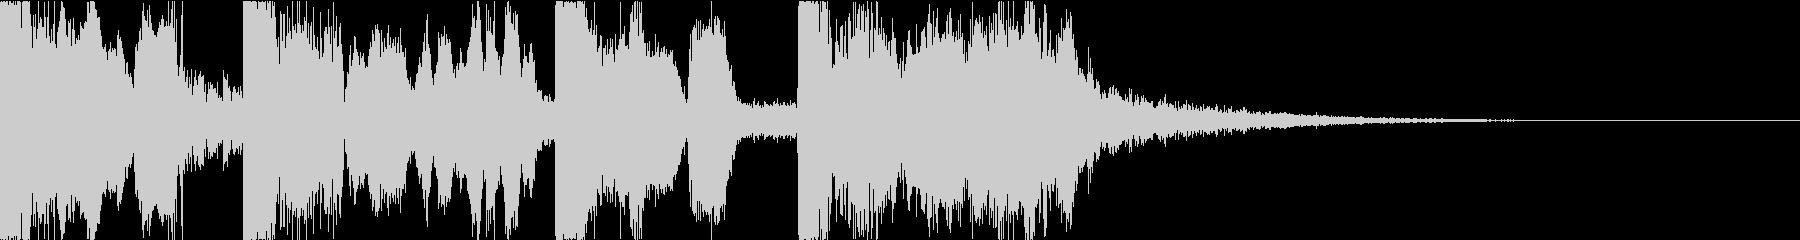 ボーカルチョップの都会的ポップジングルdの未再生の波形